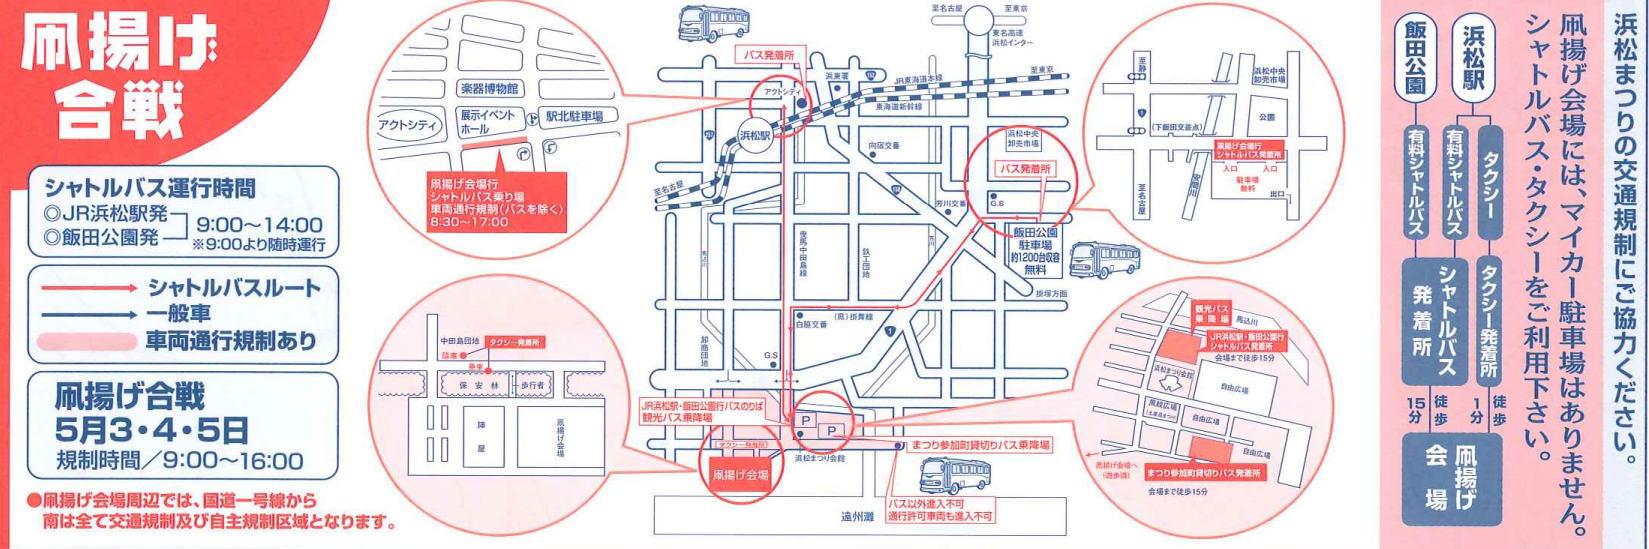 浜松まつりの交通規制情報(凧揚げ合戦会場)